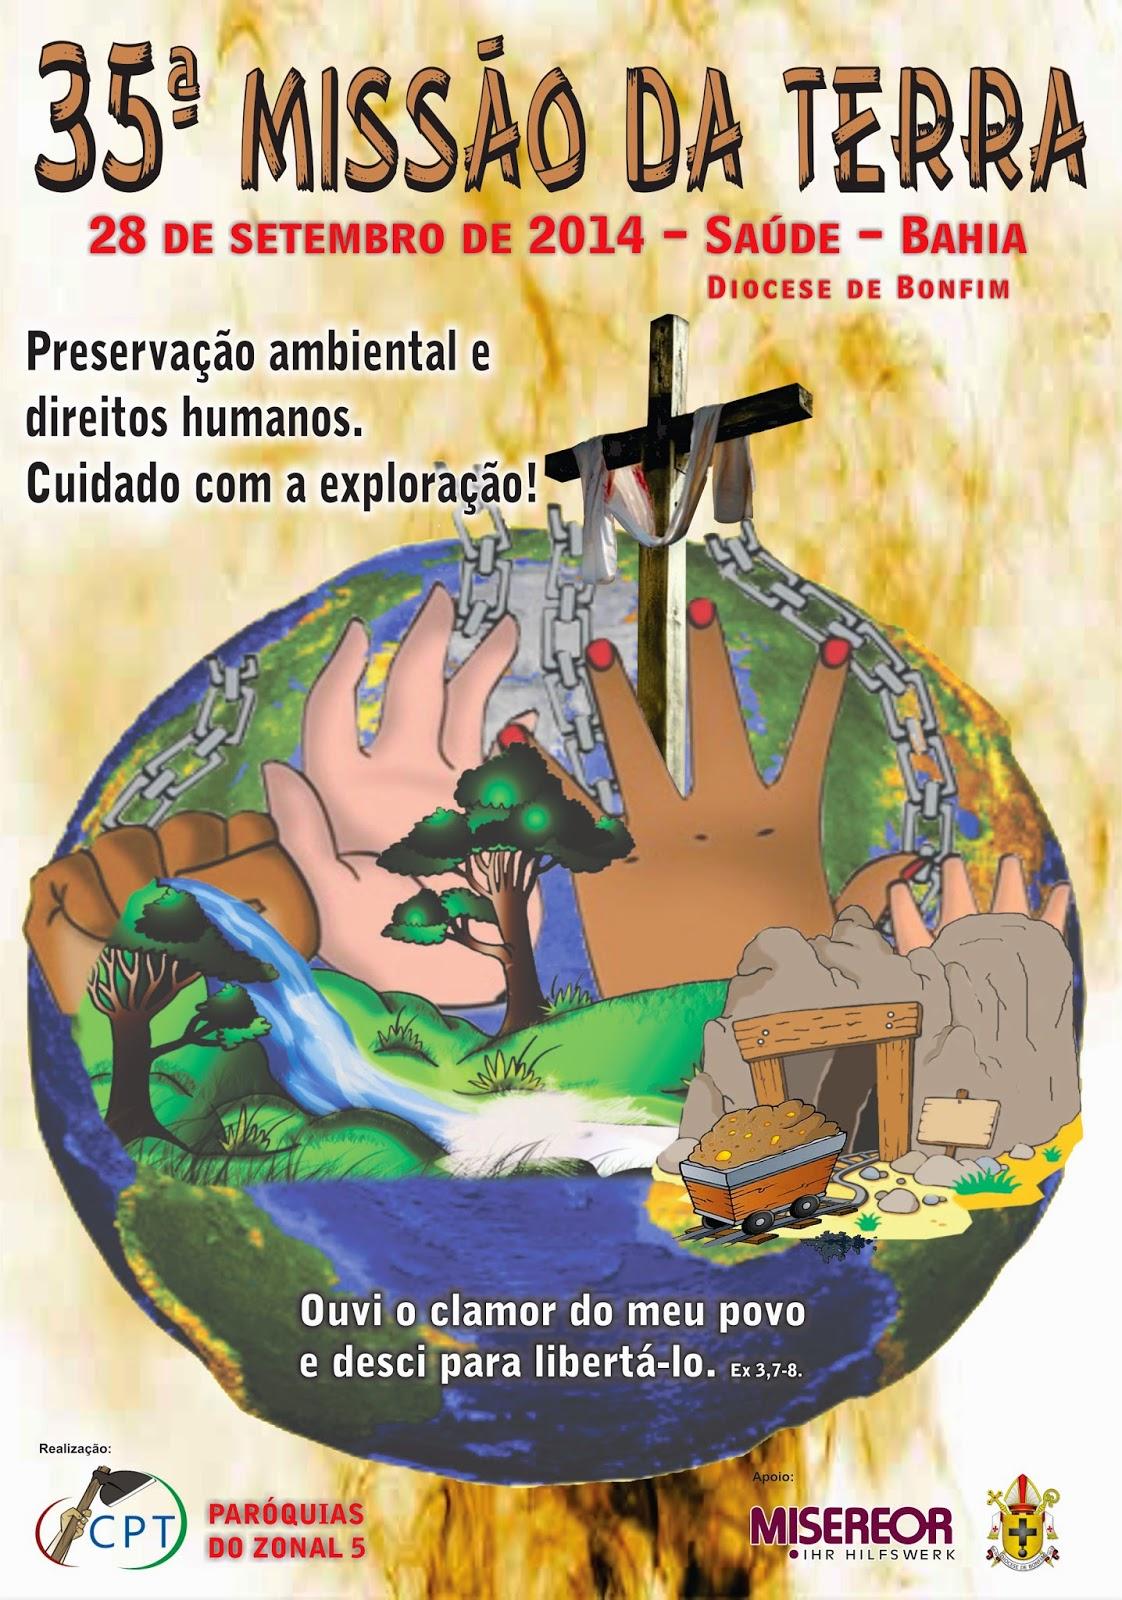 35ª MISSÃO DA TERRA DA DIOCESE QUE ACONTECERÁ NO DIA 28 DE SETEMBRO DE 2014 NA CIDADE DE SAÚDE-BA.